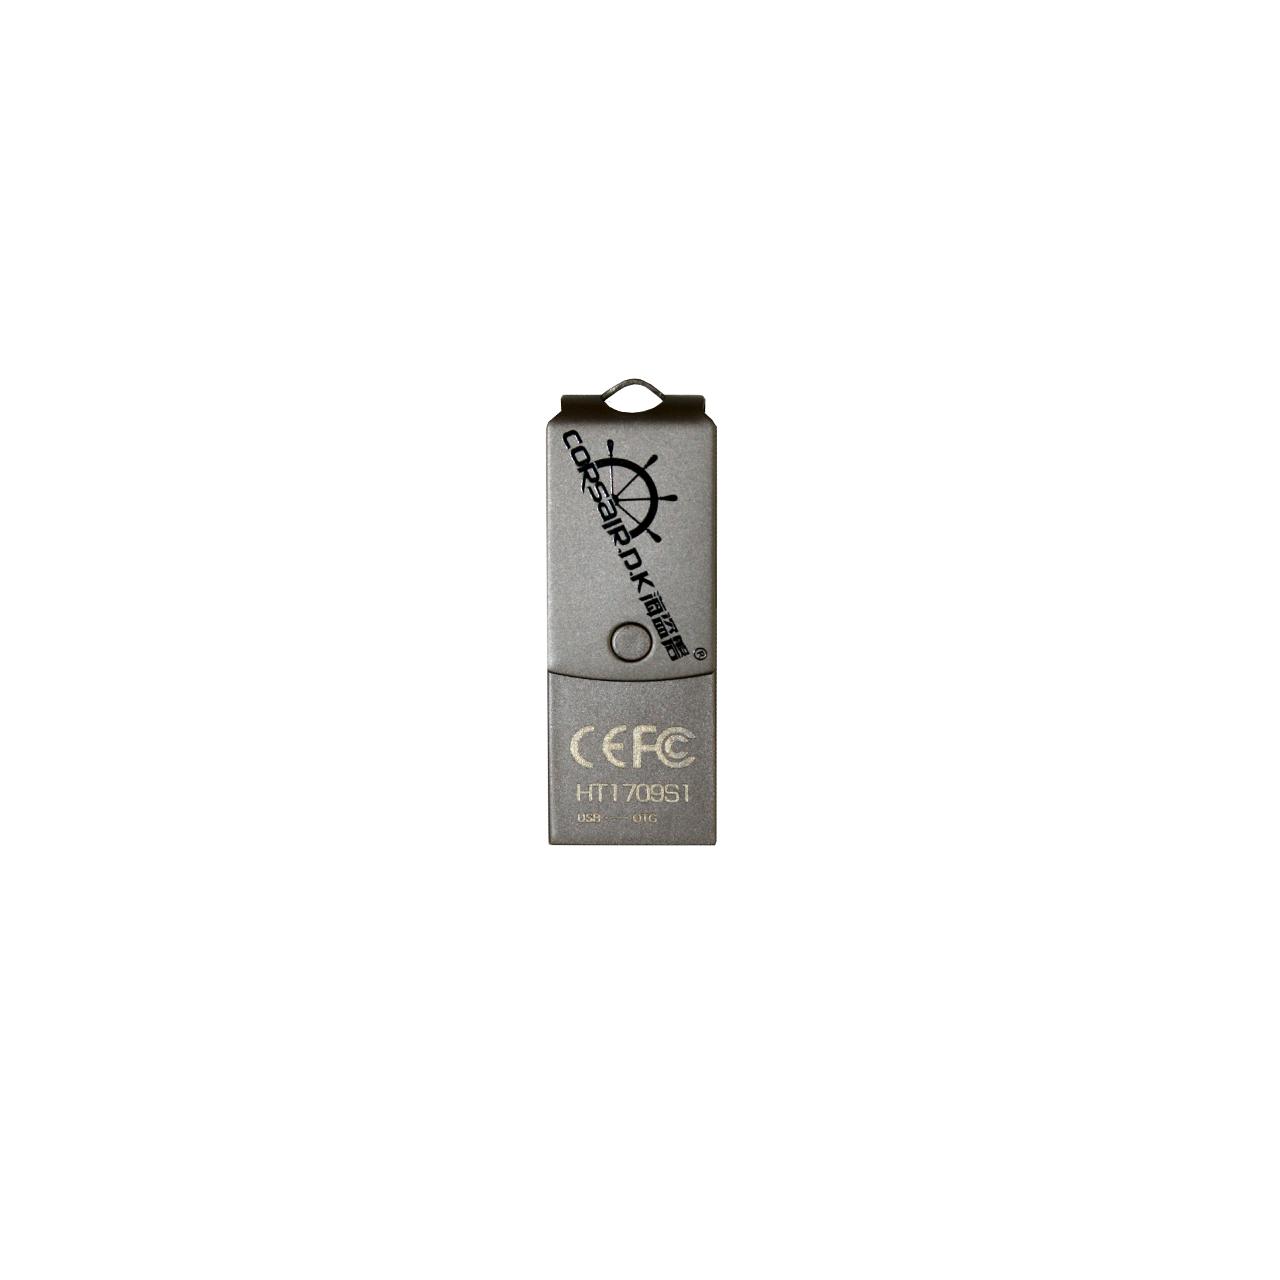 فلش مموری USB 2.0 OTG کرسیر دی کی مدل HT1807S1 ظرفیت 32 گیگابایت